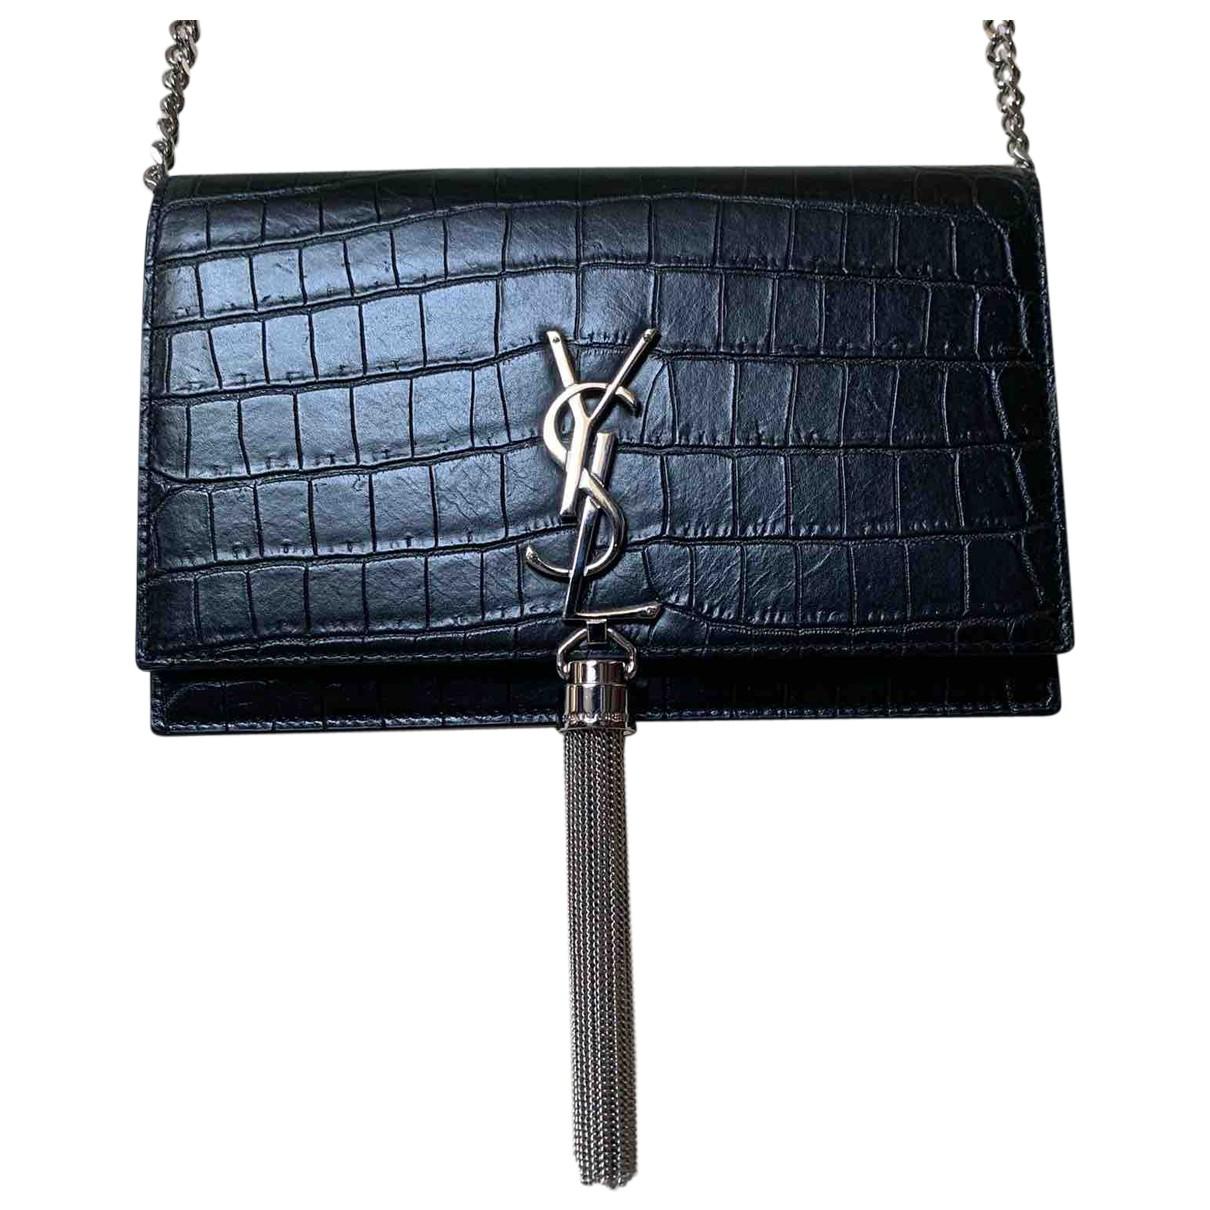 Bolso Kate monogramme de Cuero Saint Laurent